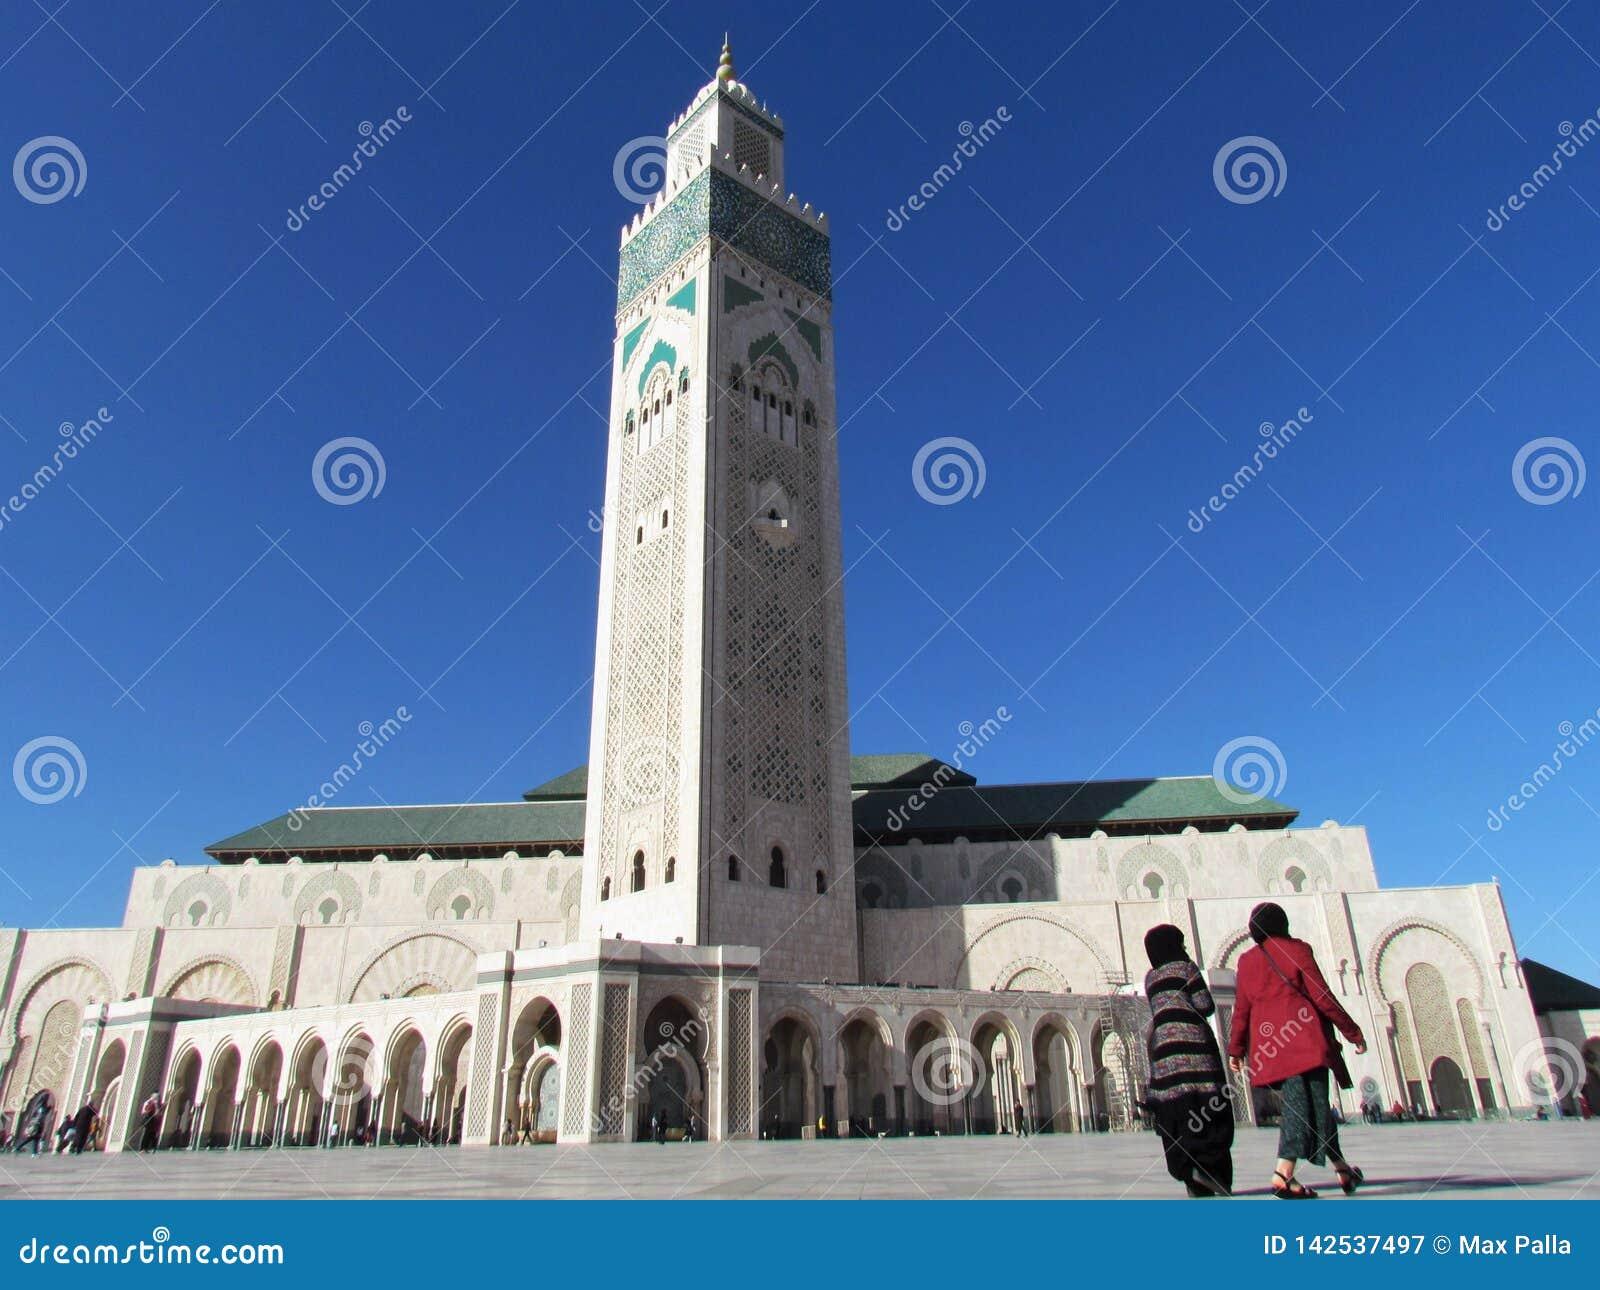 美丽的清真寺哈桑二世面对阳光的一个建筑杰作